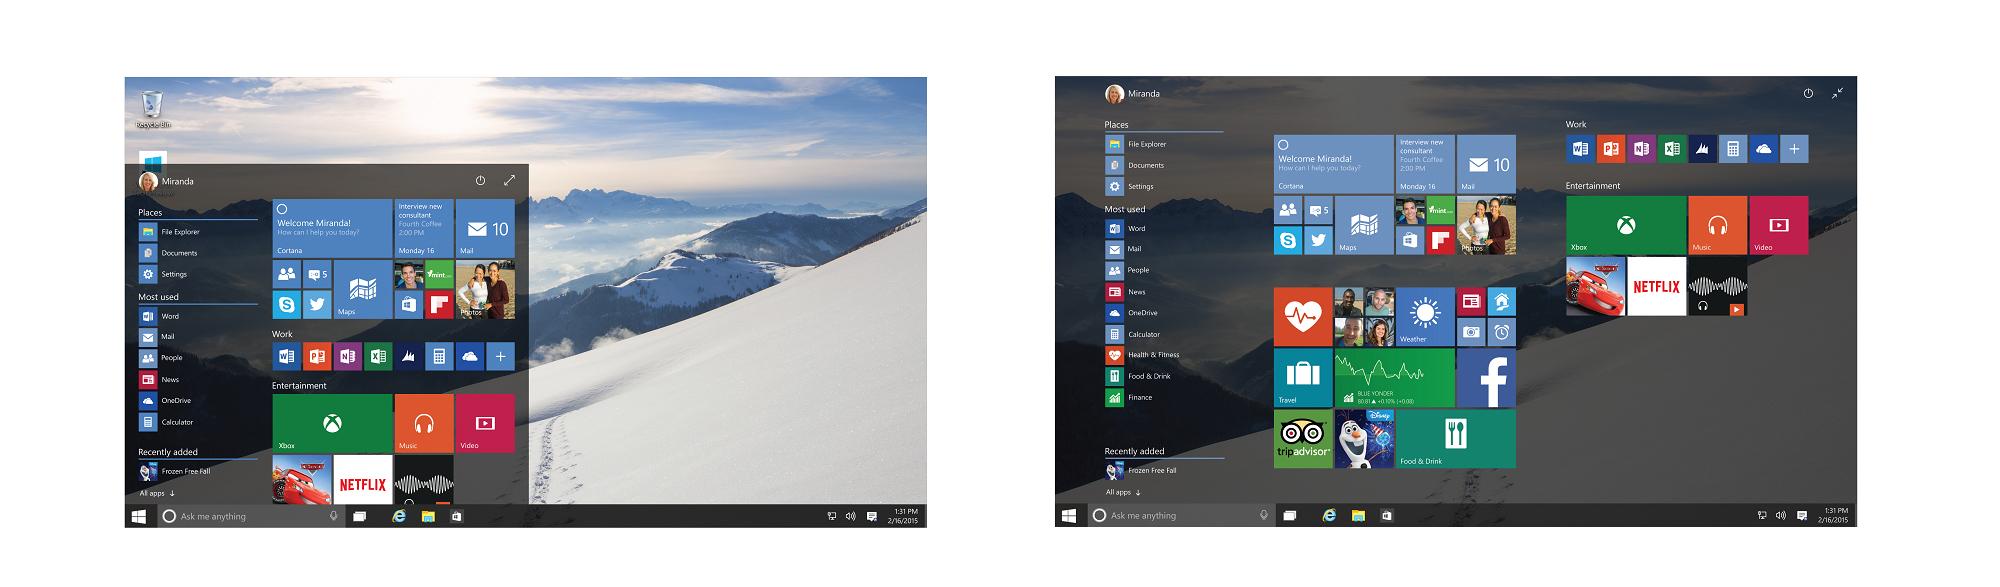 مؤتمر مايكروسوفت: الملخص الشامل عن ويندوز 10 win10_windows_starts